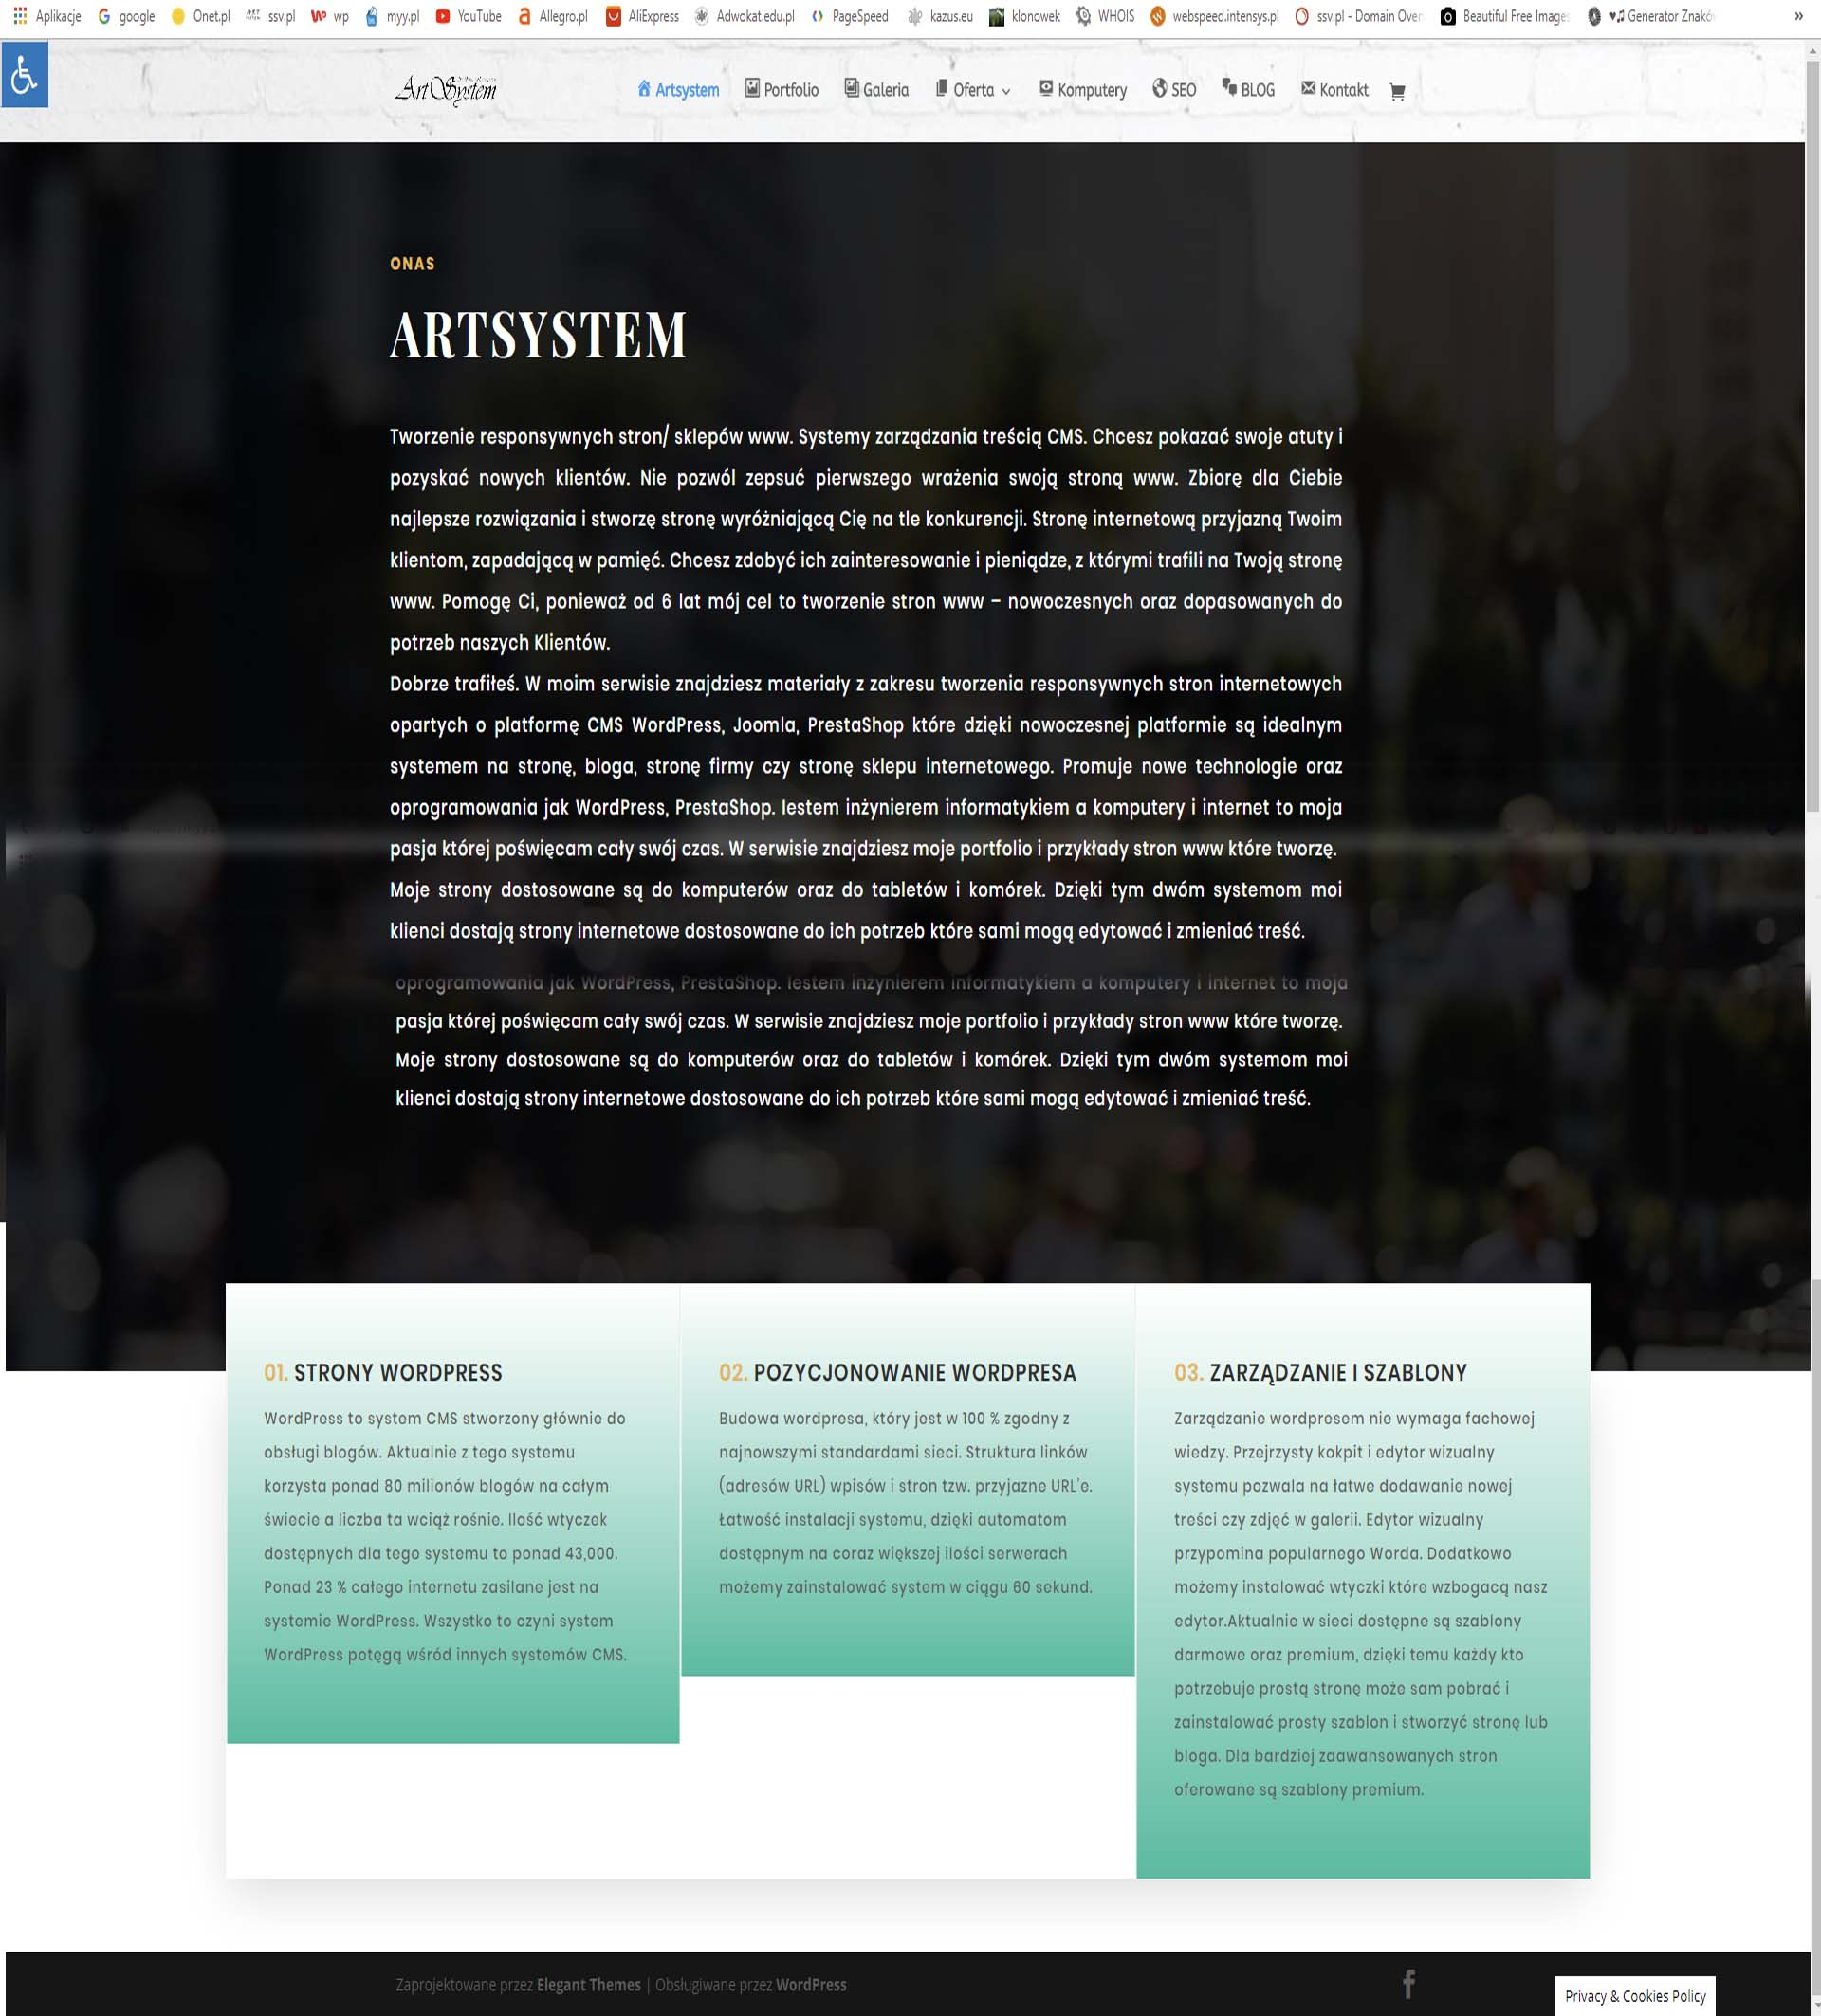 artsystem - Nasze realizacje